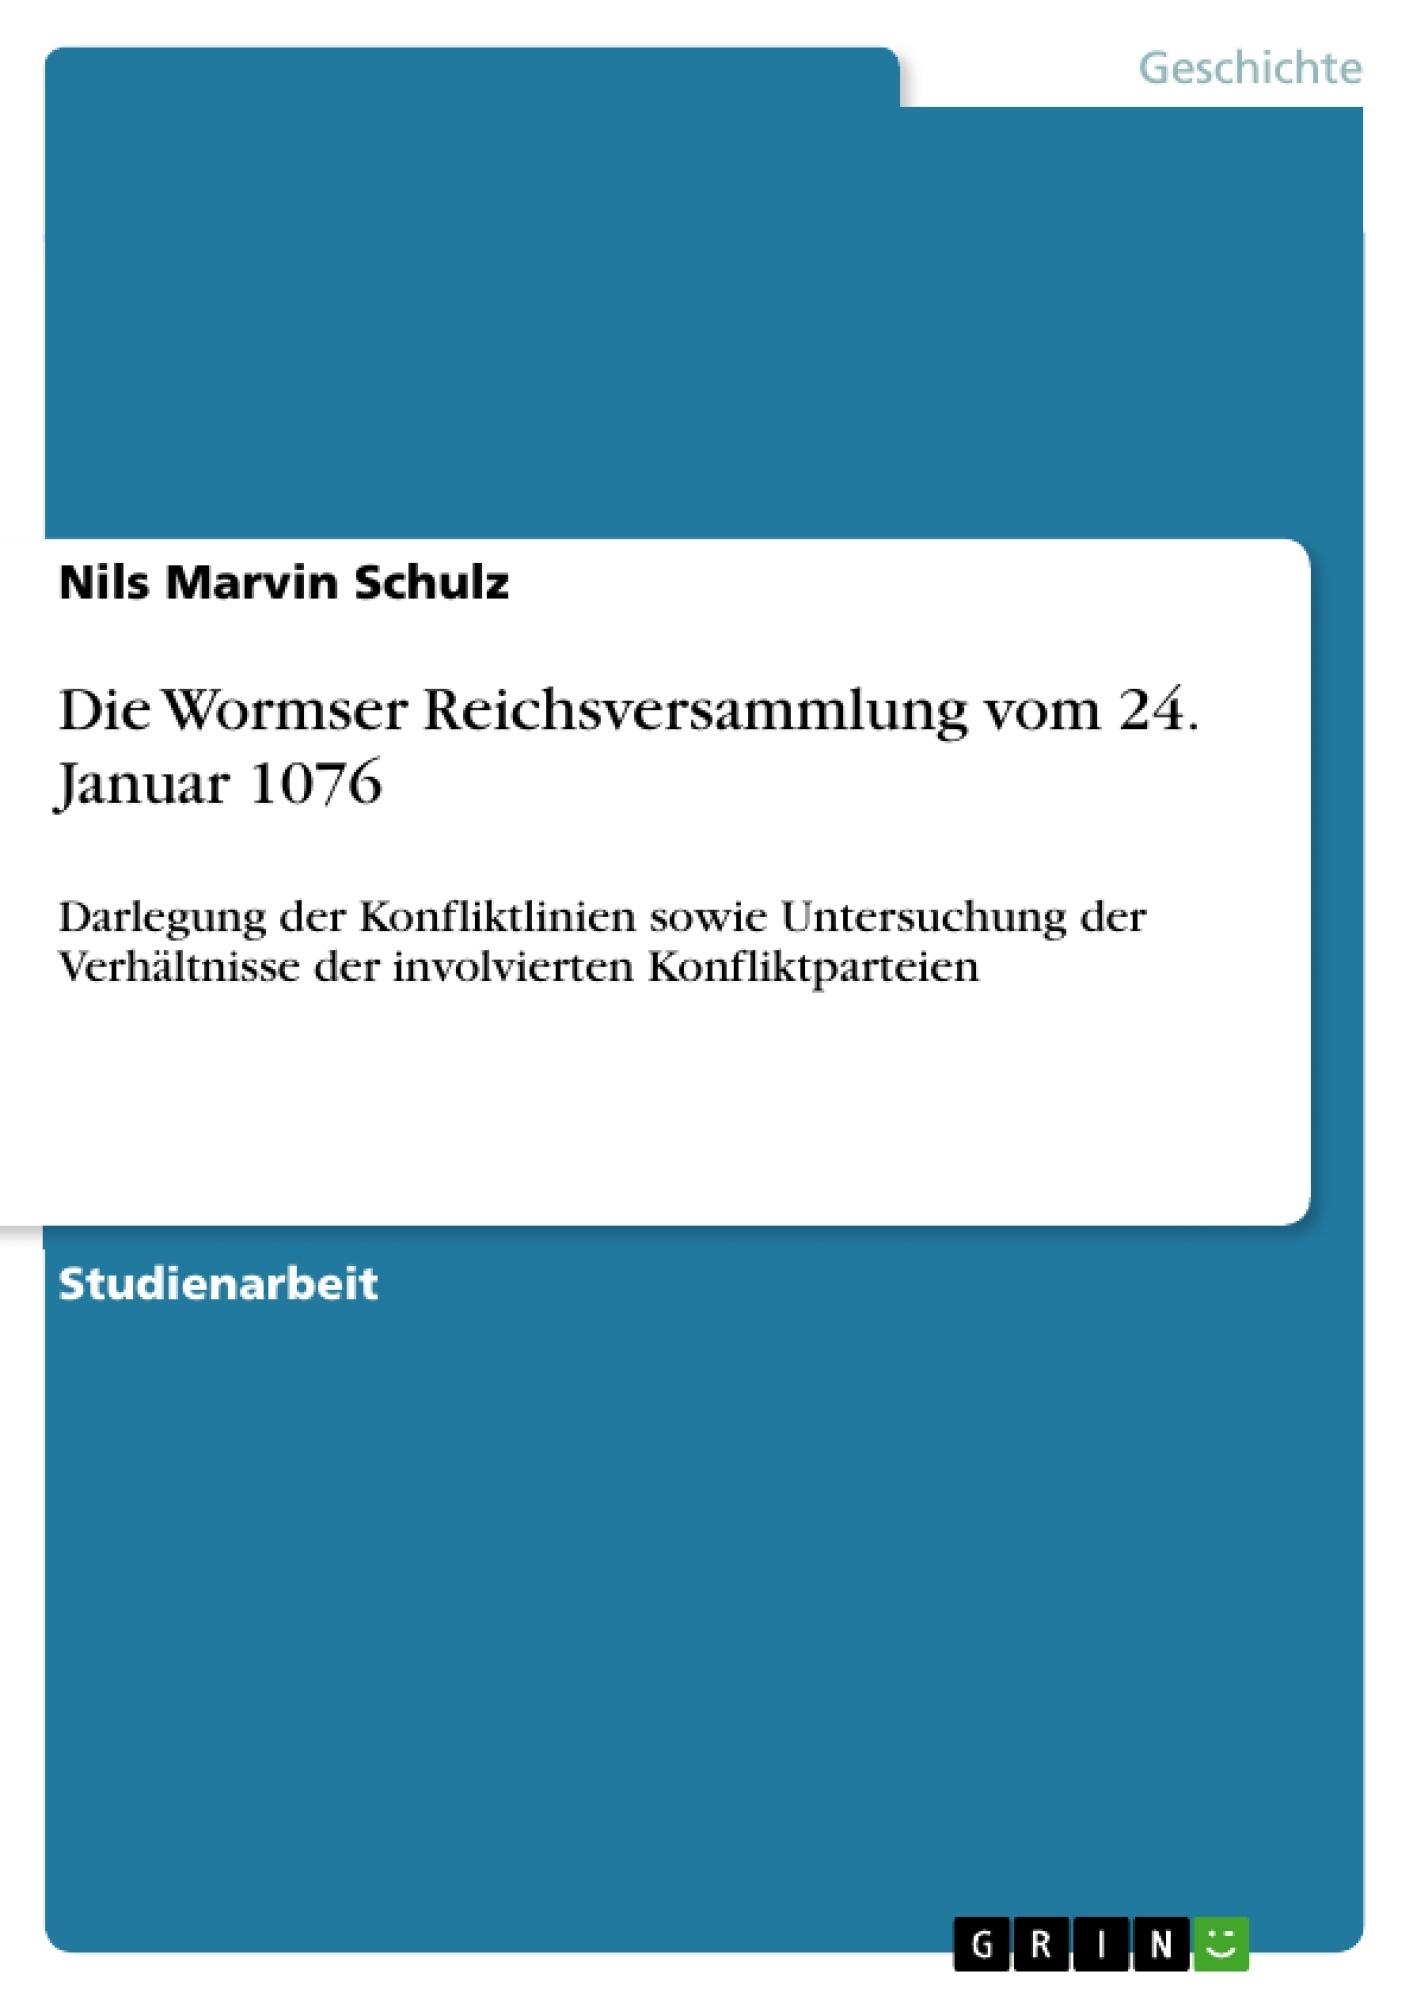 Titel: Die Wormser Reichsversammlung vom 24. Januar 1076